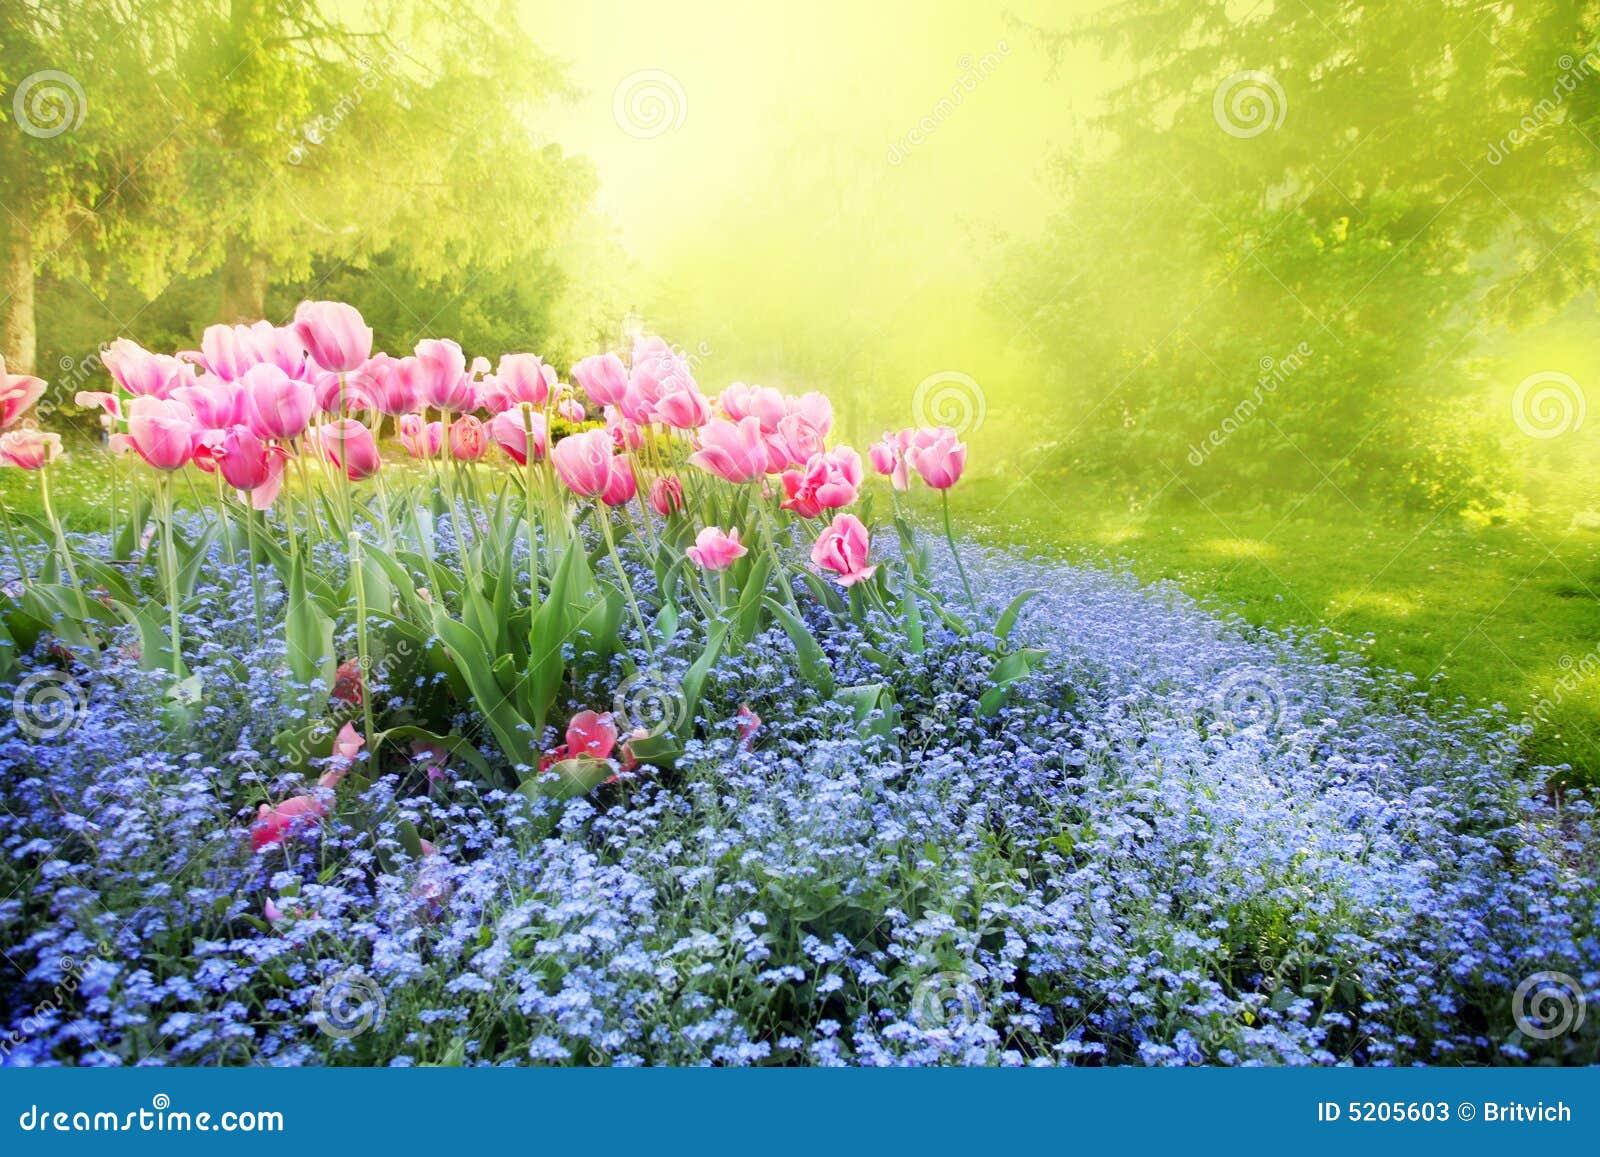 Mysterious Sunny Garden Stock Photos Image 5205603